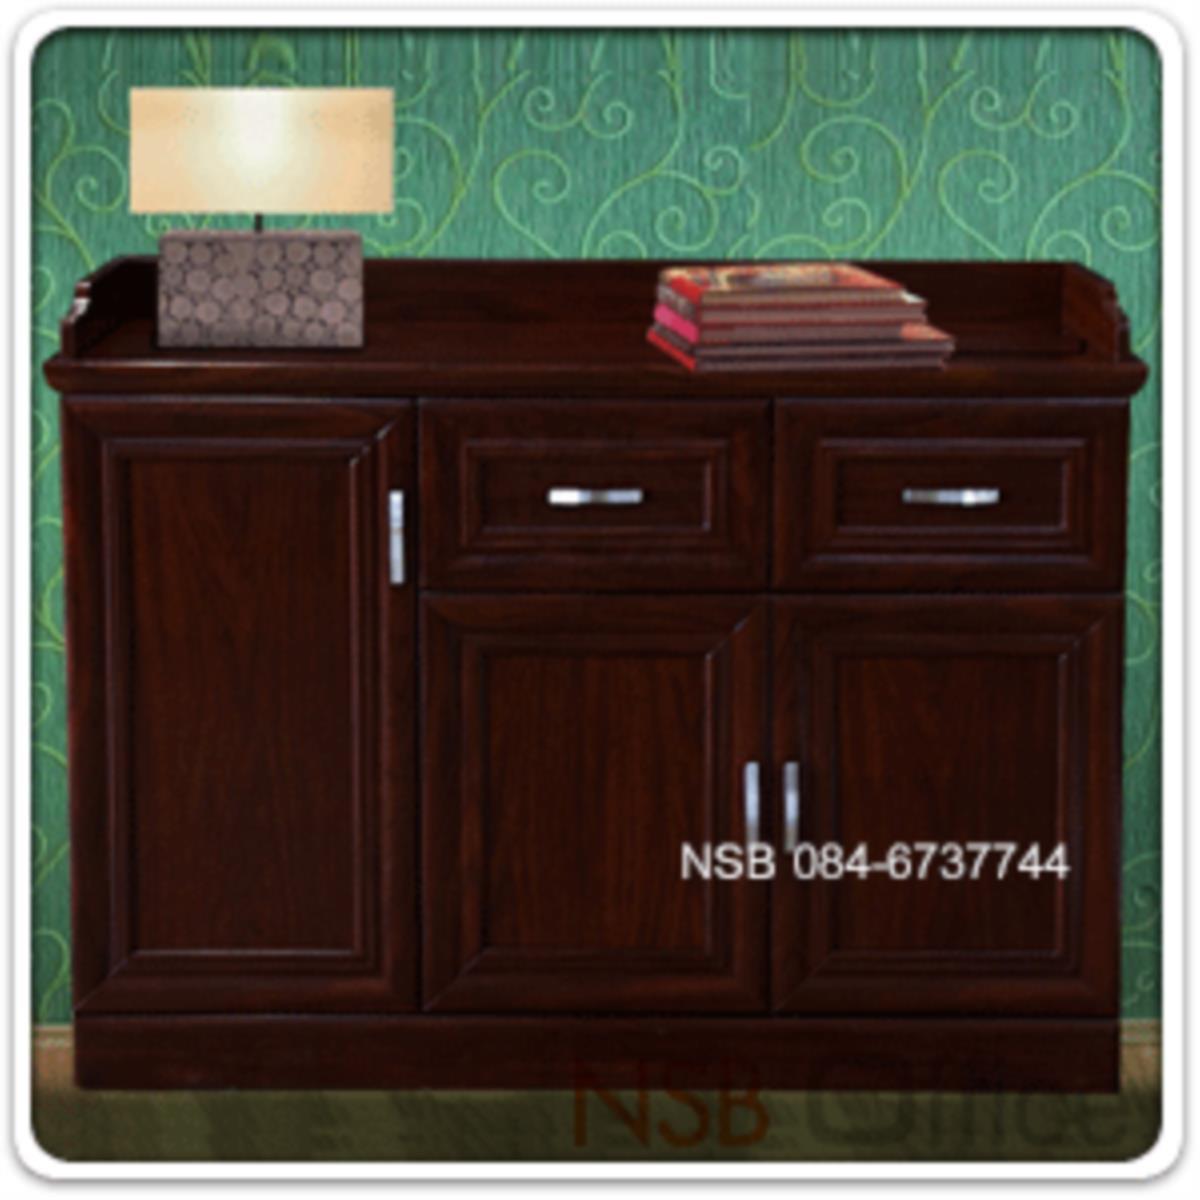 ตู้เอกสาร 2 ลิ้นชัก 3 บานเปิดทึบ สูง 85 cm.  รุ่น Switch (สวิตซ์)  มือจับเหล็กชุบโครเมี่ยม